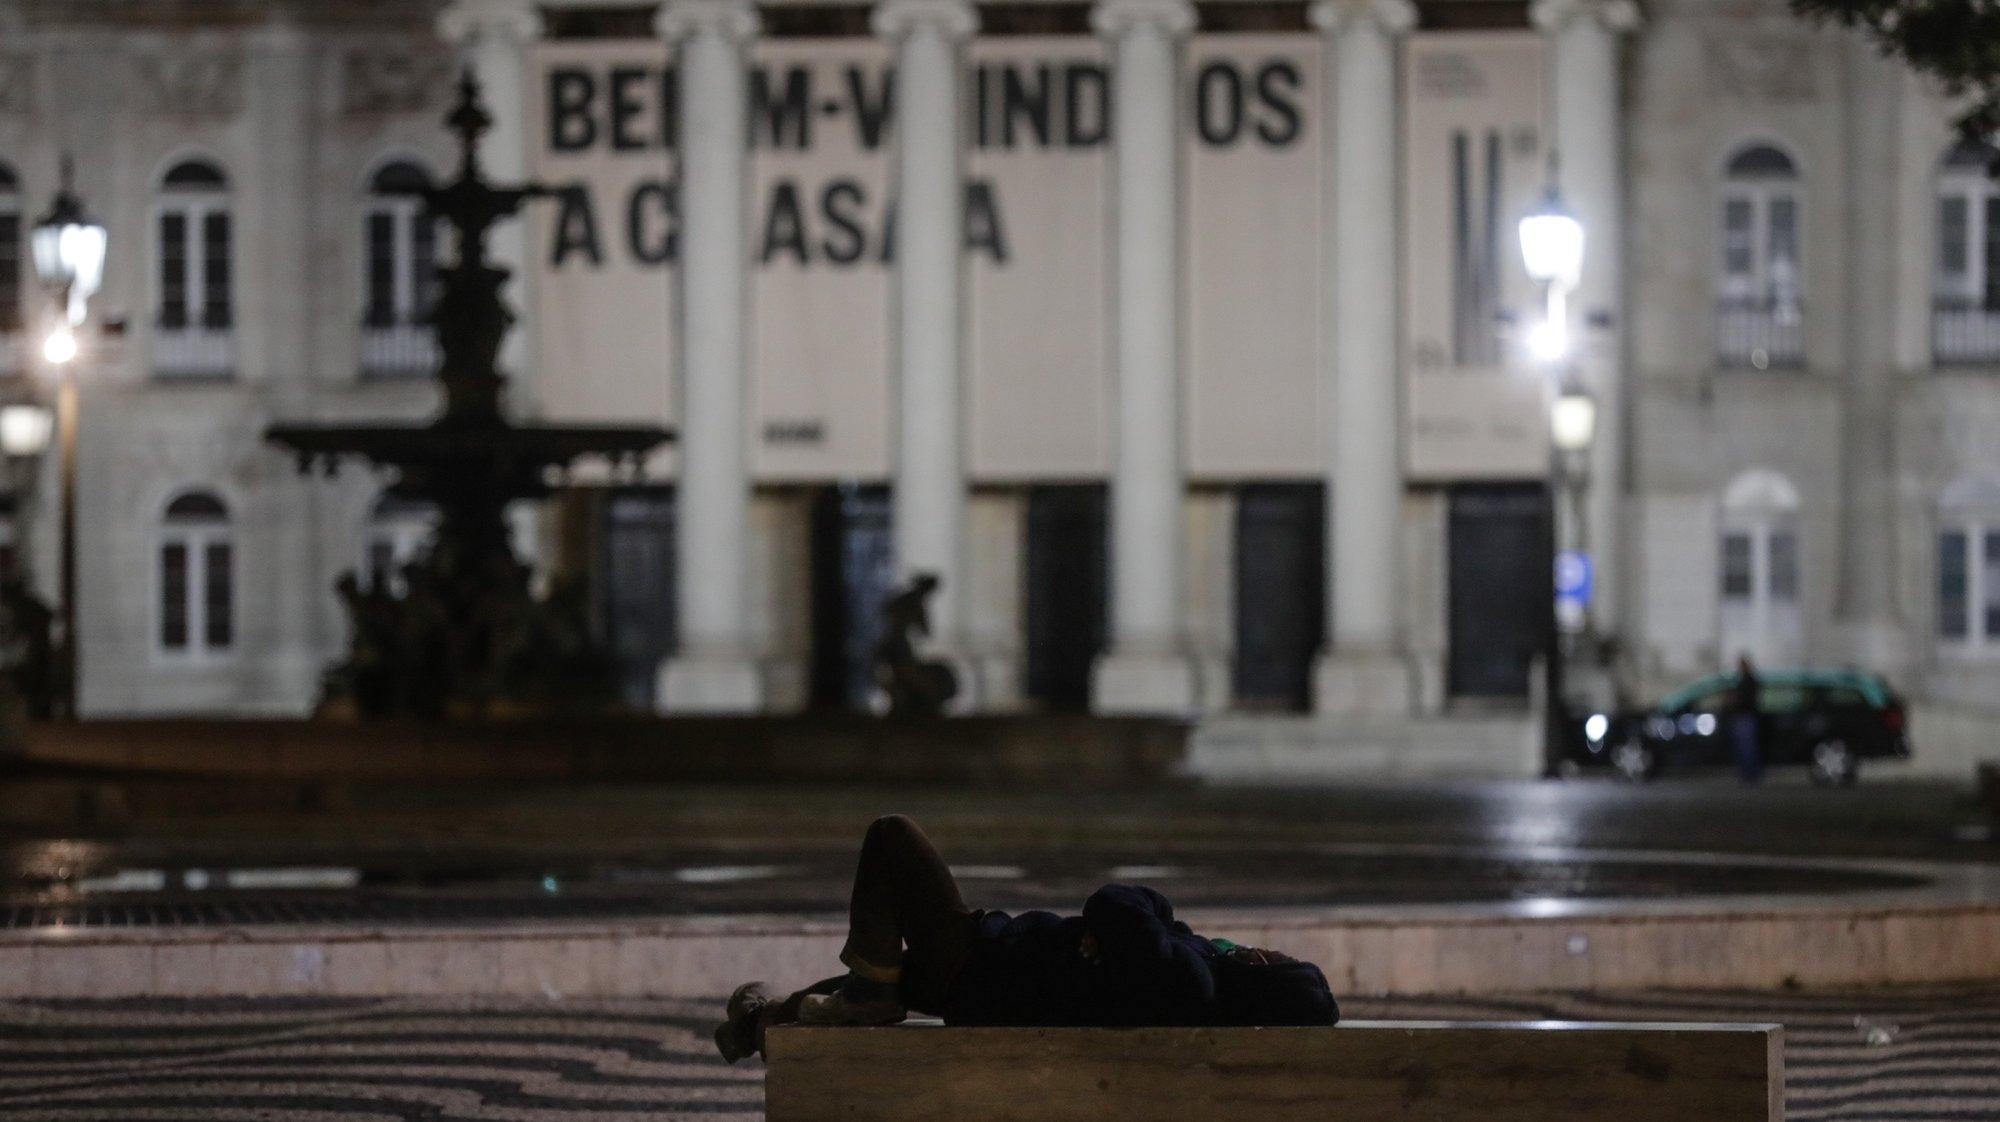 Um sem-abrigo dorme na praça do Rossio no recolher obrigatório do estado de emergência no âmbito das medidas de contenção da covid-19, Lisboa, 9 de novembro de 2020. O Presidente da República, Marcelo Rebelo de Sousa, decretou o estado de emergência em Portugal, por 15 dias, a partir de hoje para permitir medidas de contenção da covid-19. TIAGO PETINGA/LUSA